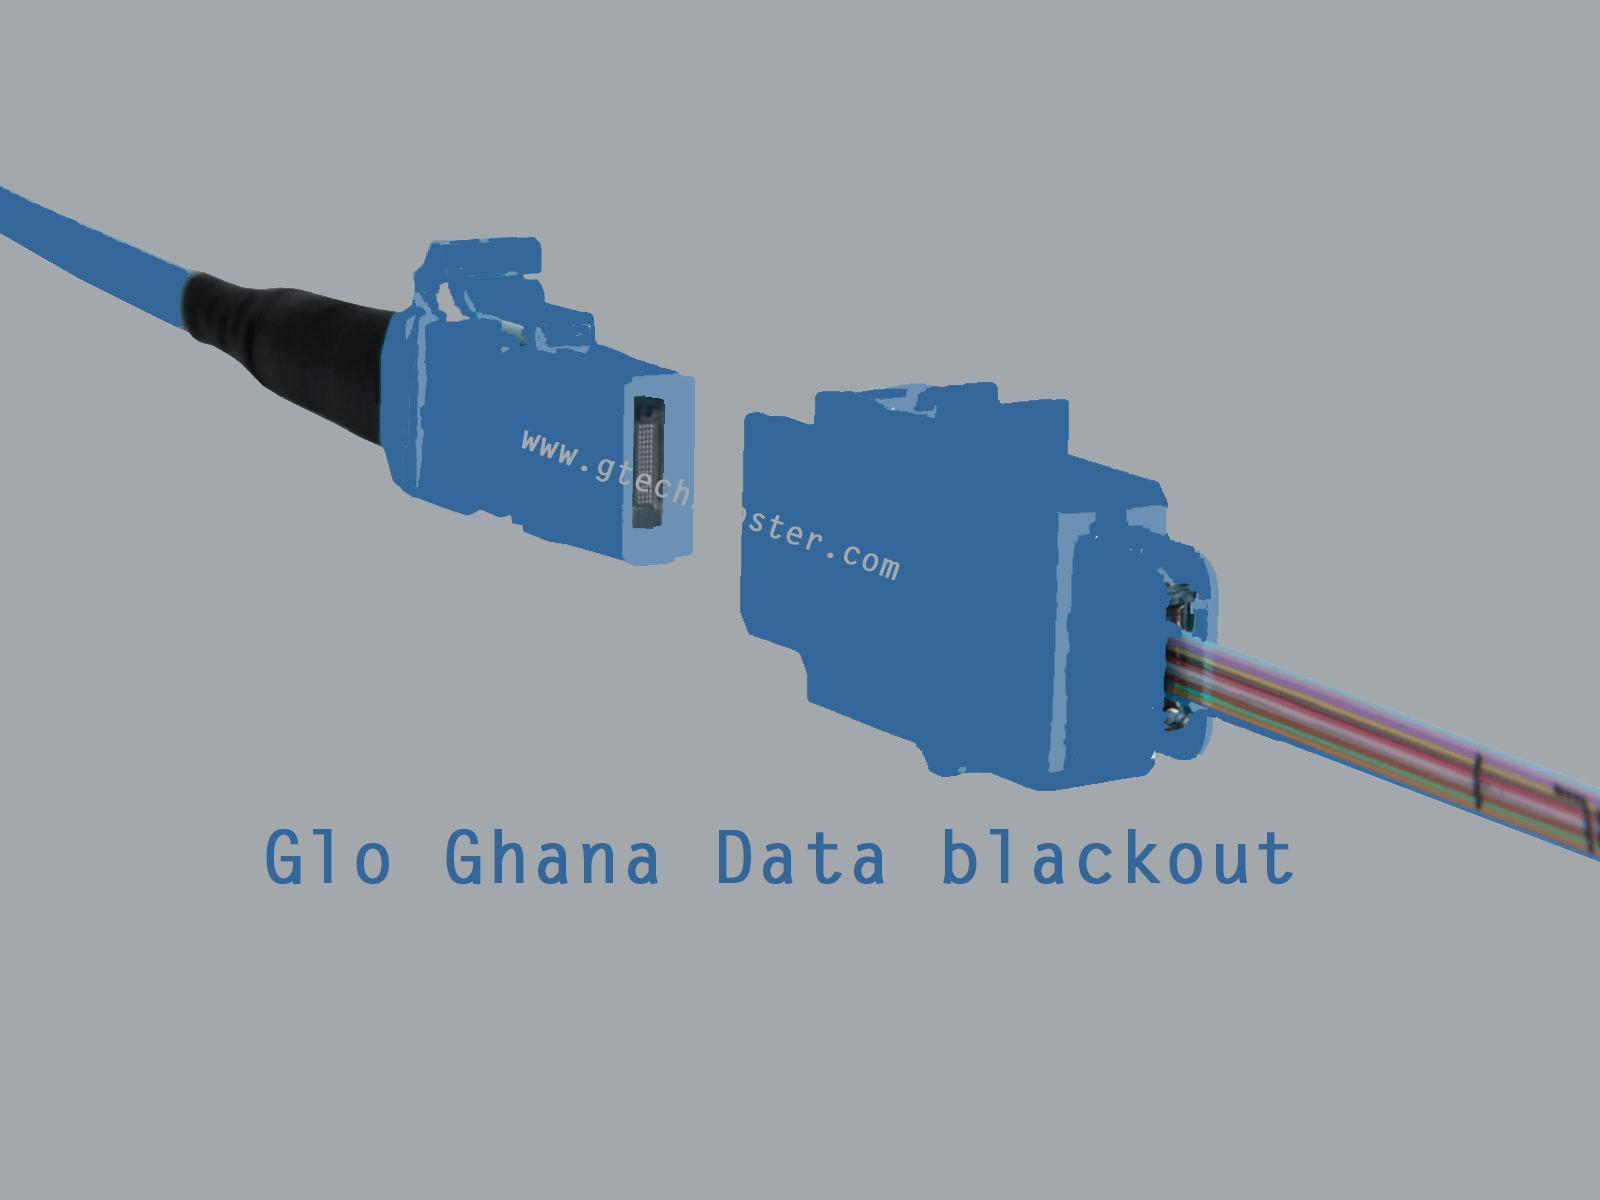 Gl Ghana Data blackout